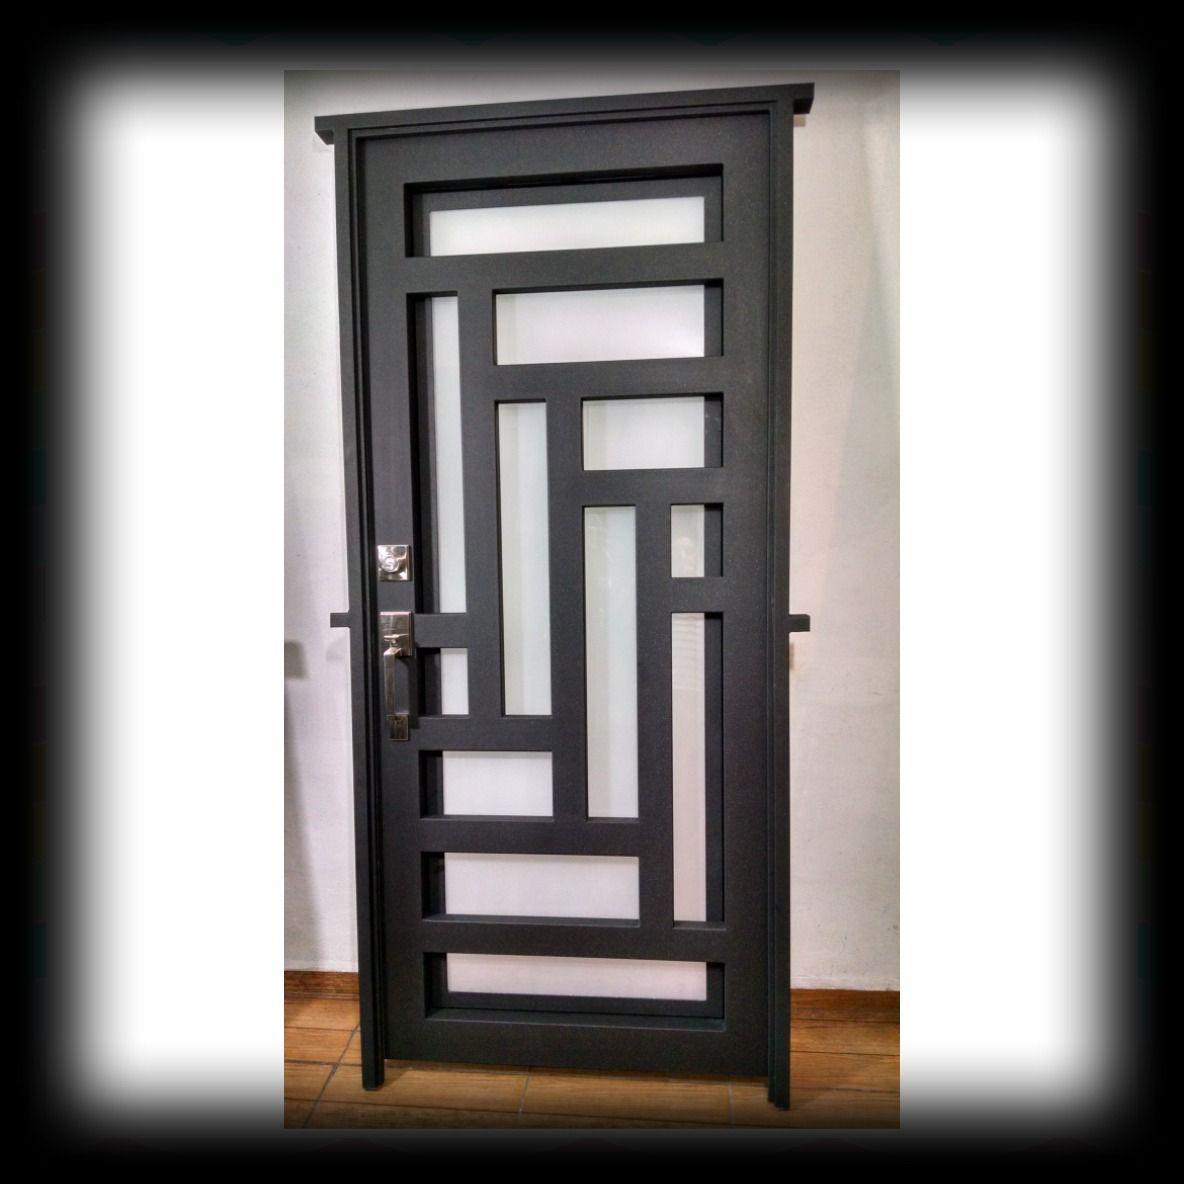 Puerta principal de forja contemporanea 273811 for Puertas metalicas modernas